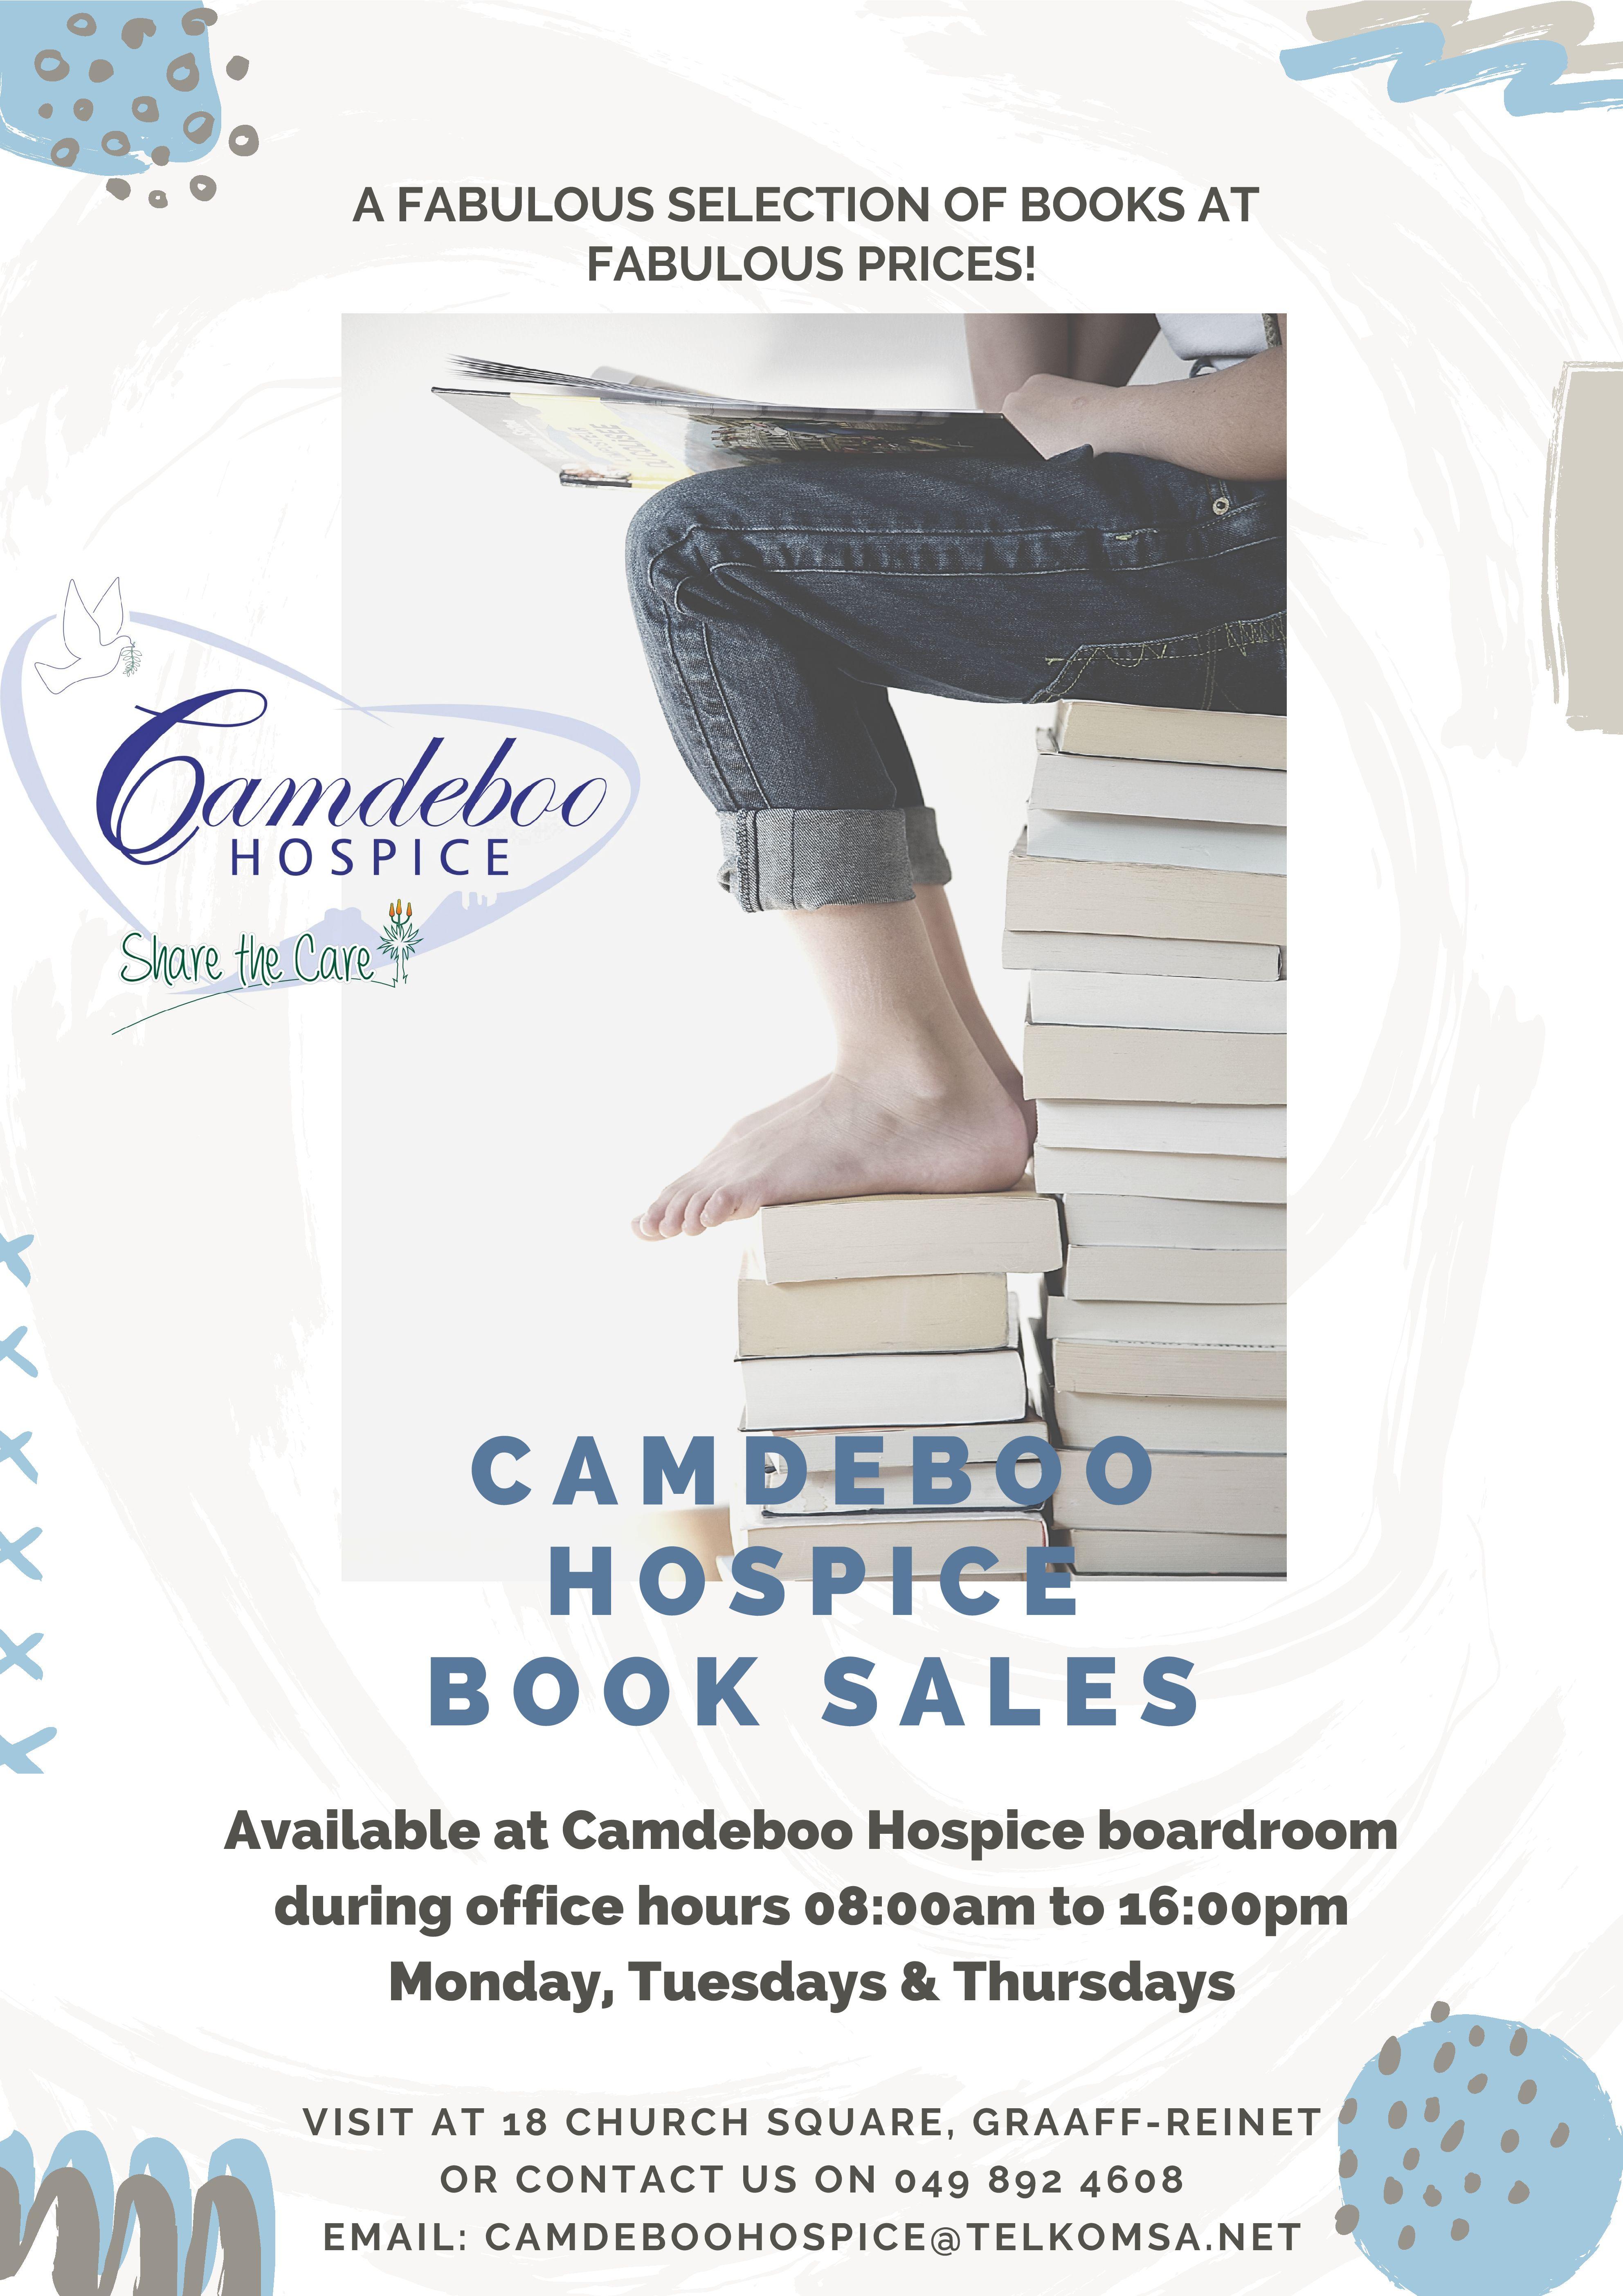 Camdeboo hospice book sales (1)